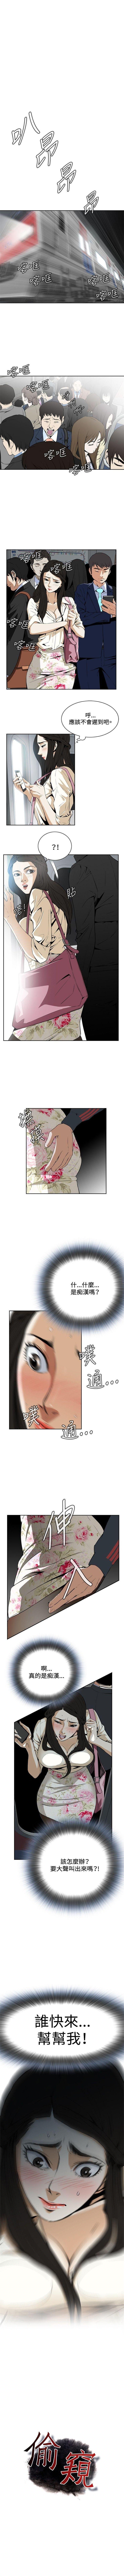 偷窥  0-10 中文翻译 (更新中) 2